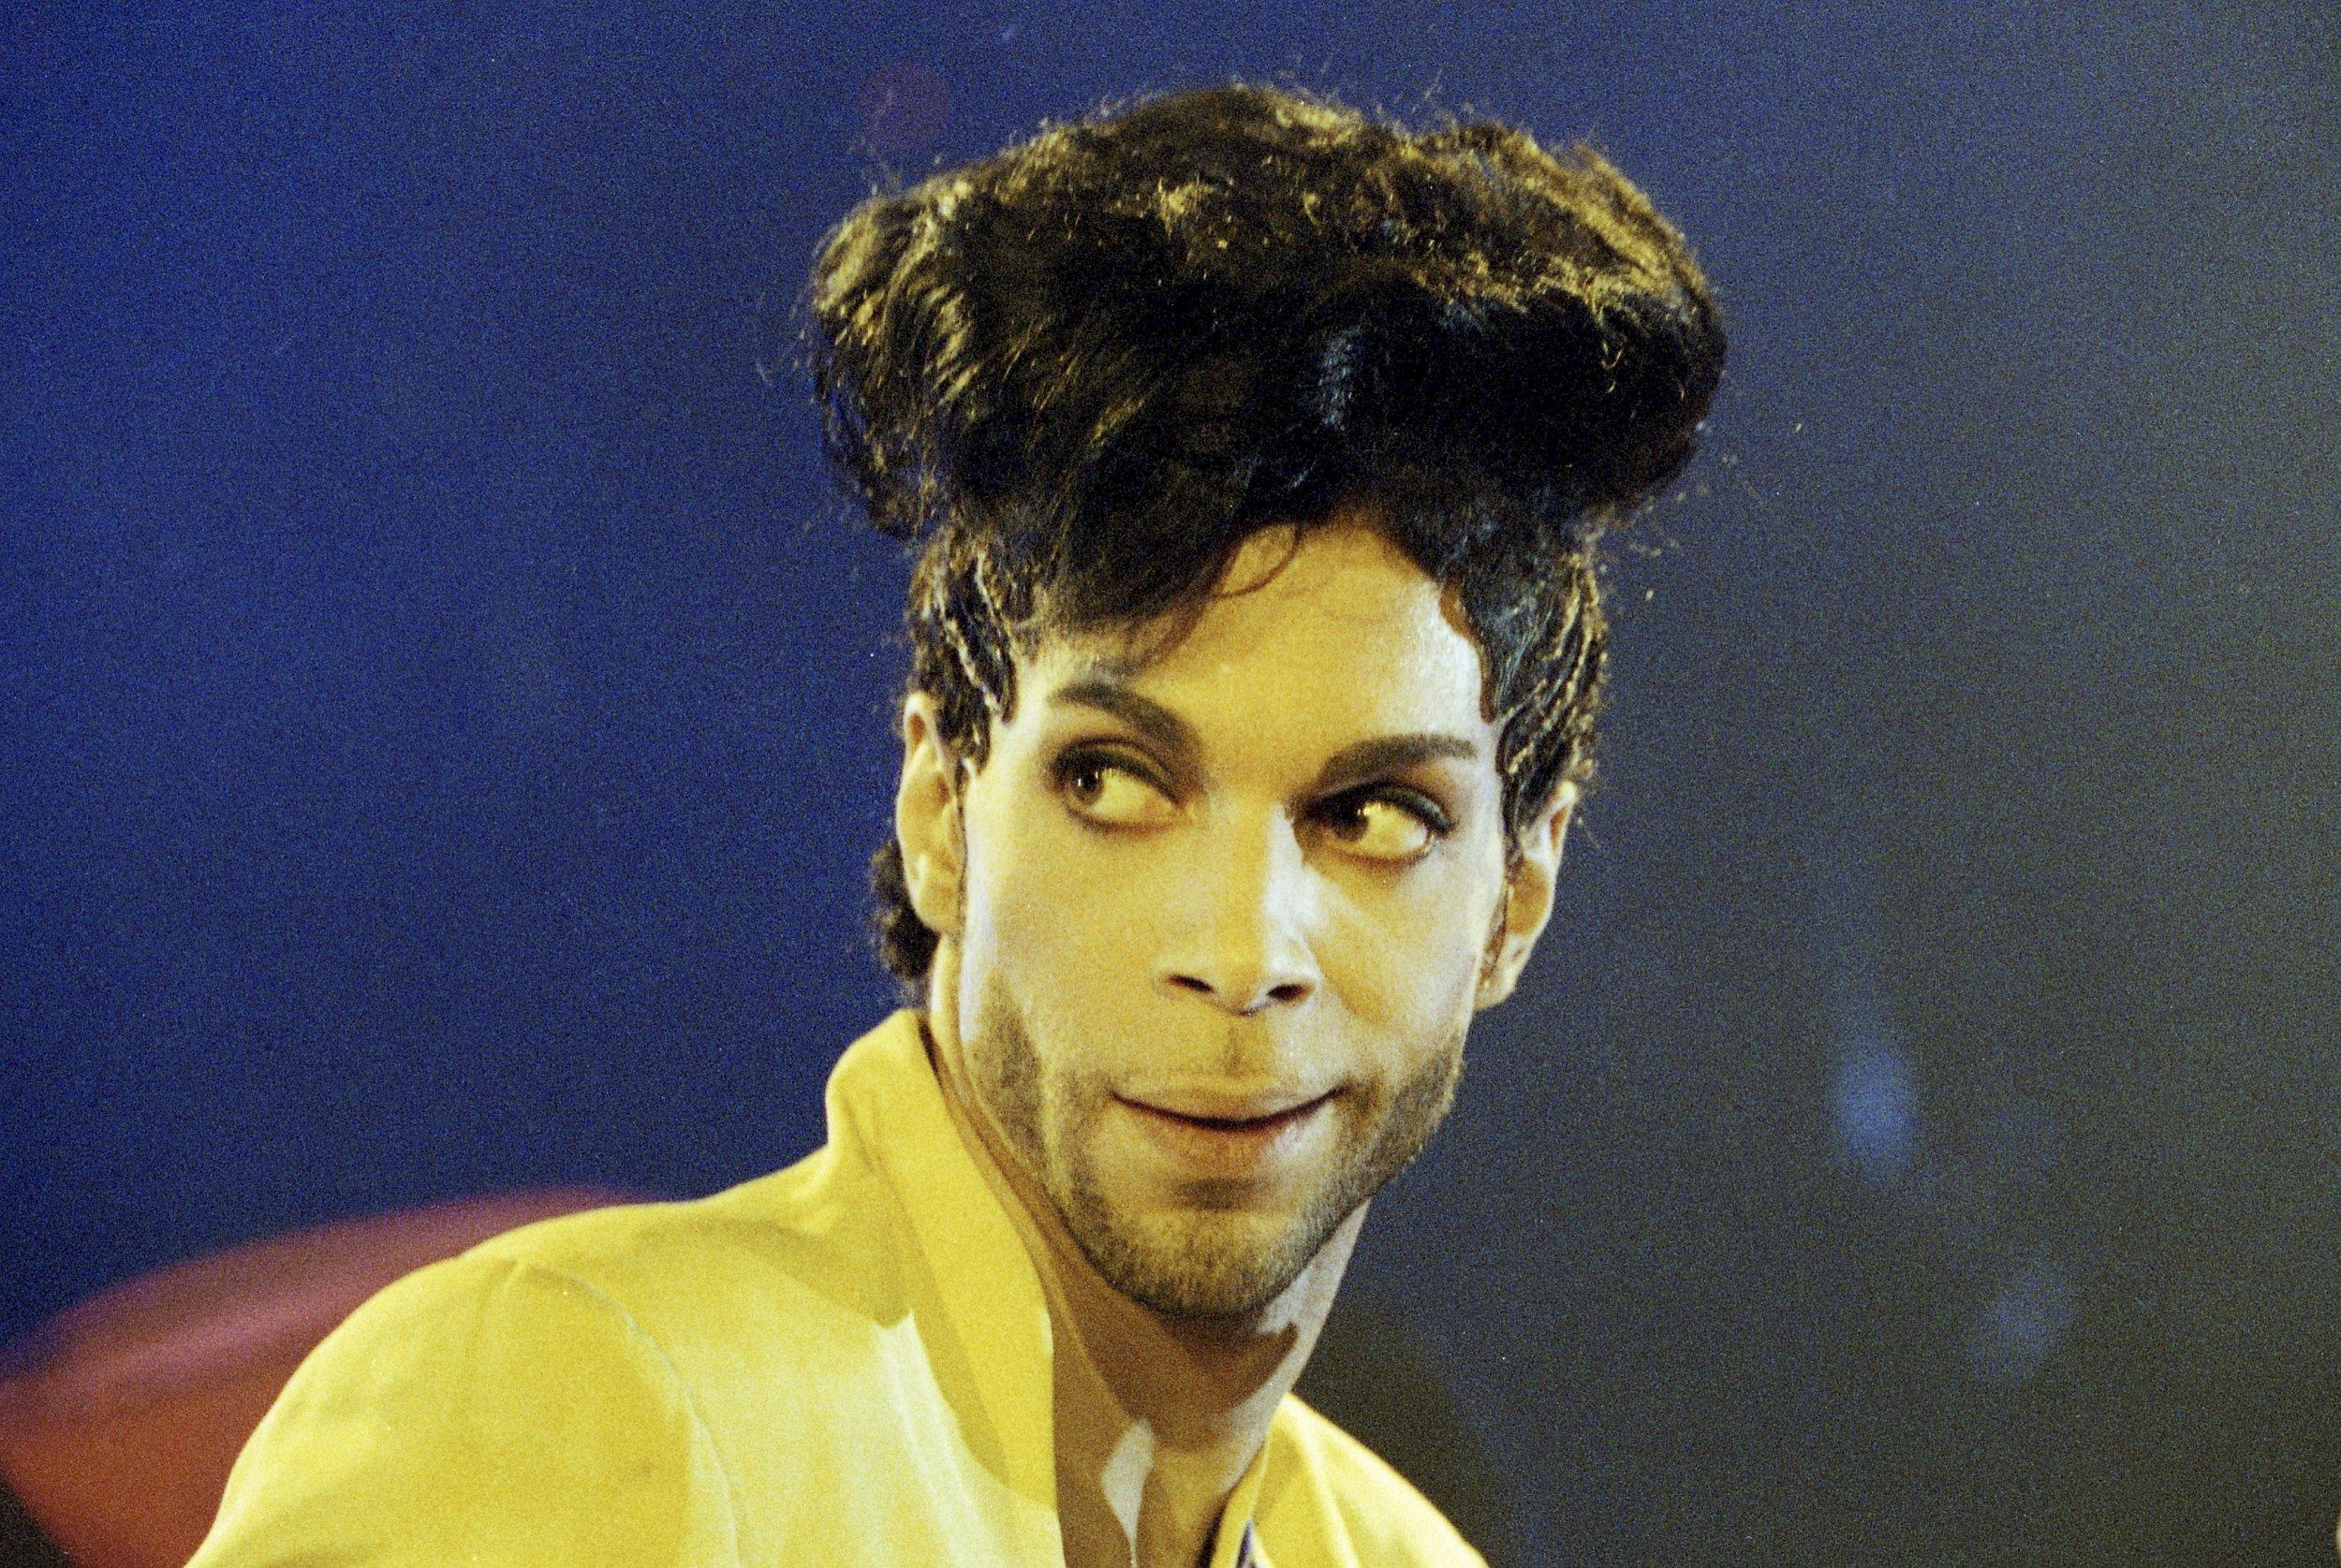 Prince photos photo 33